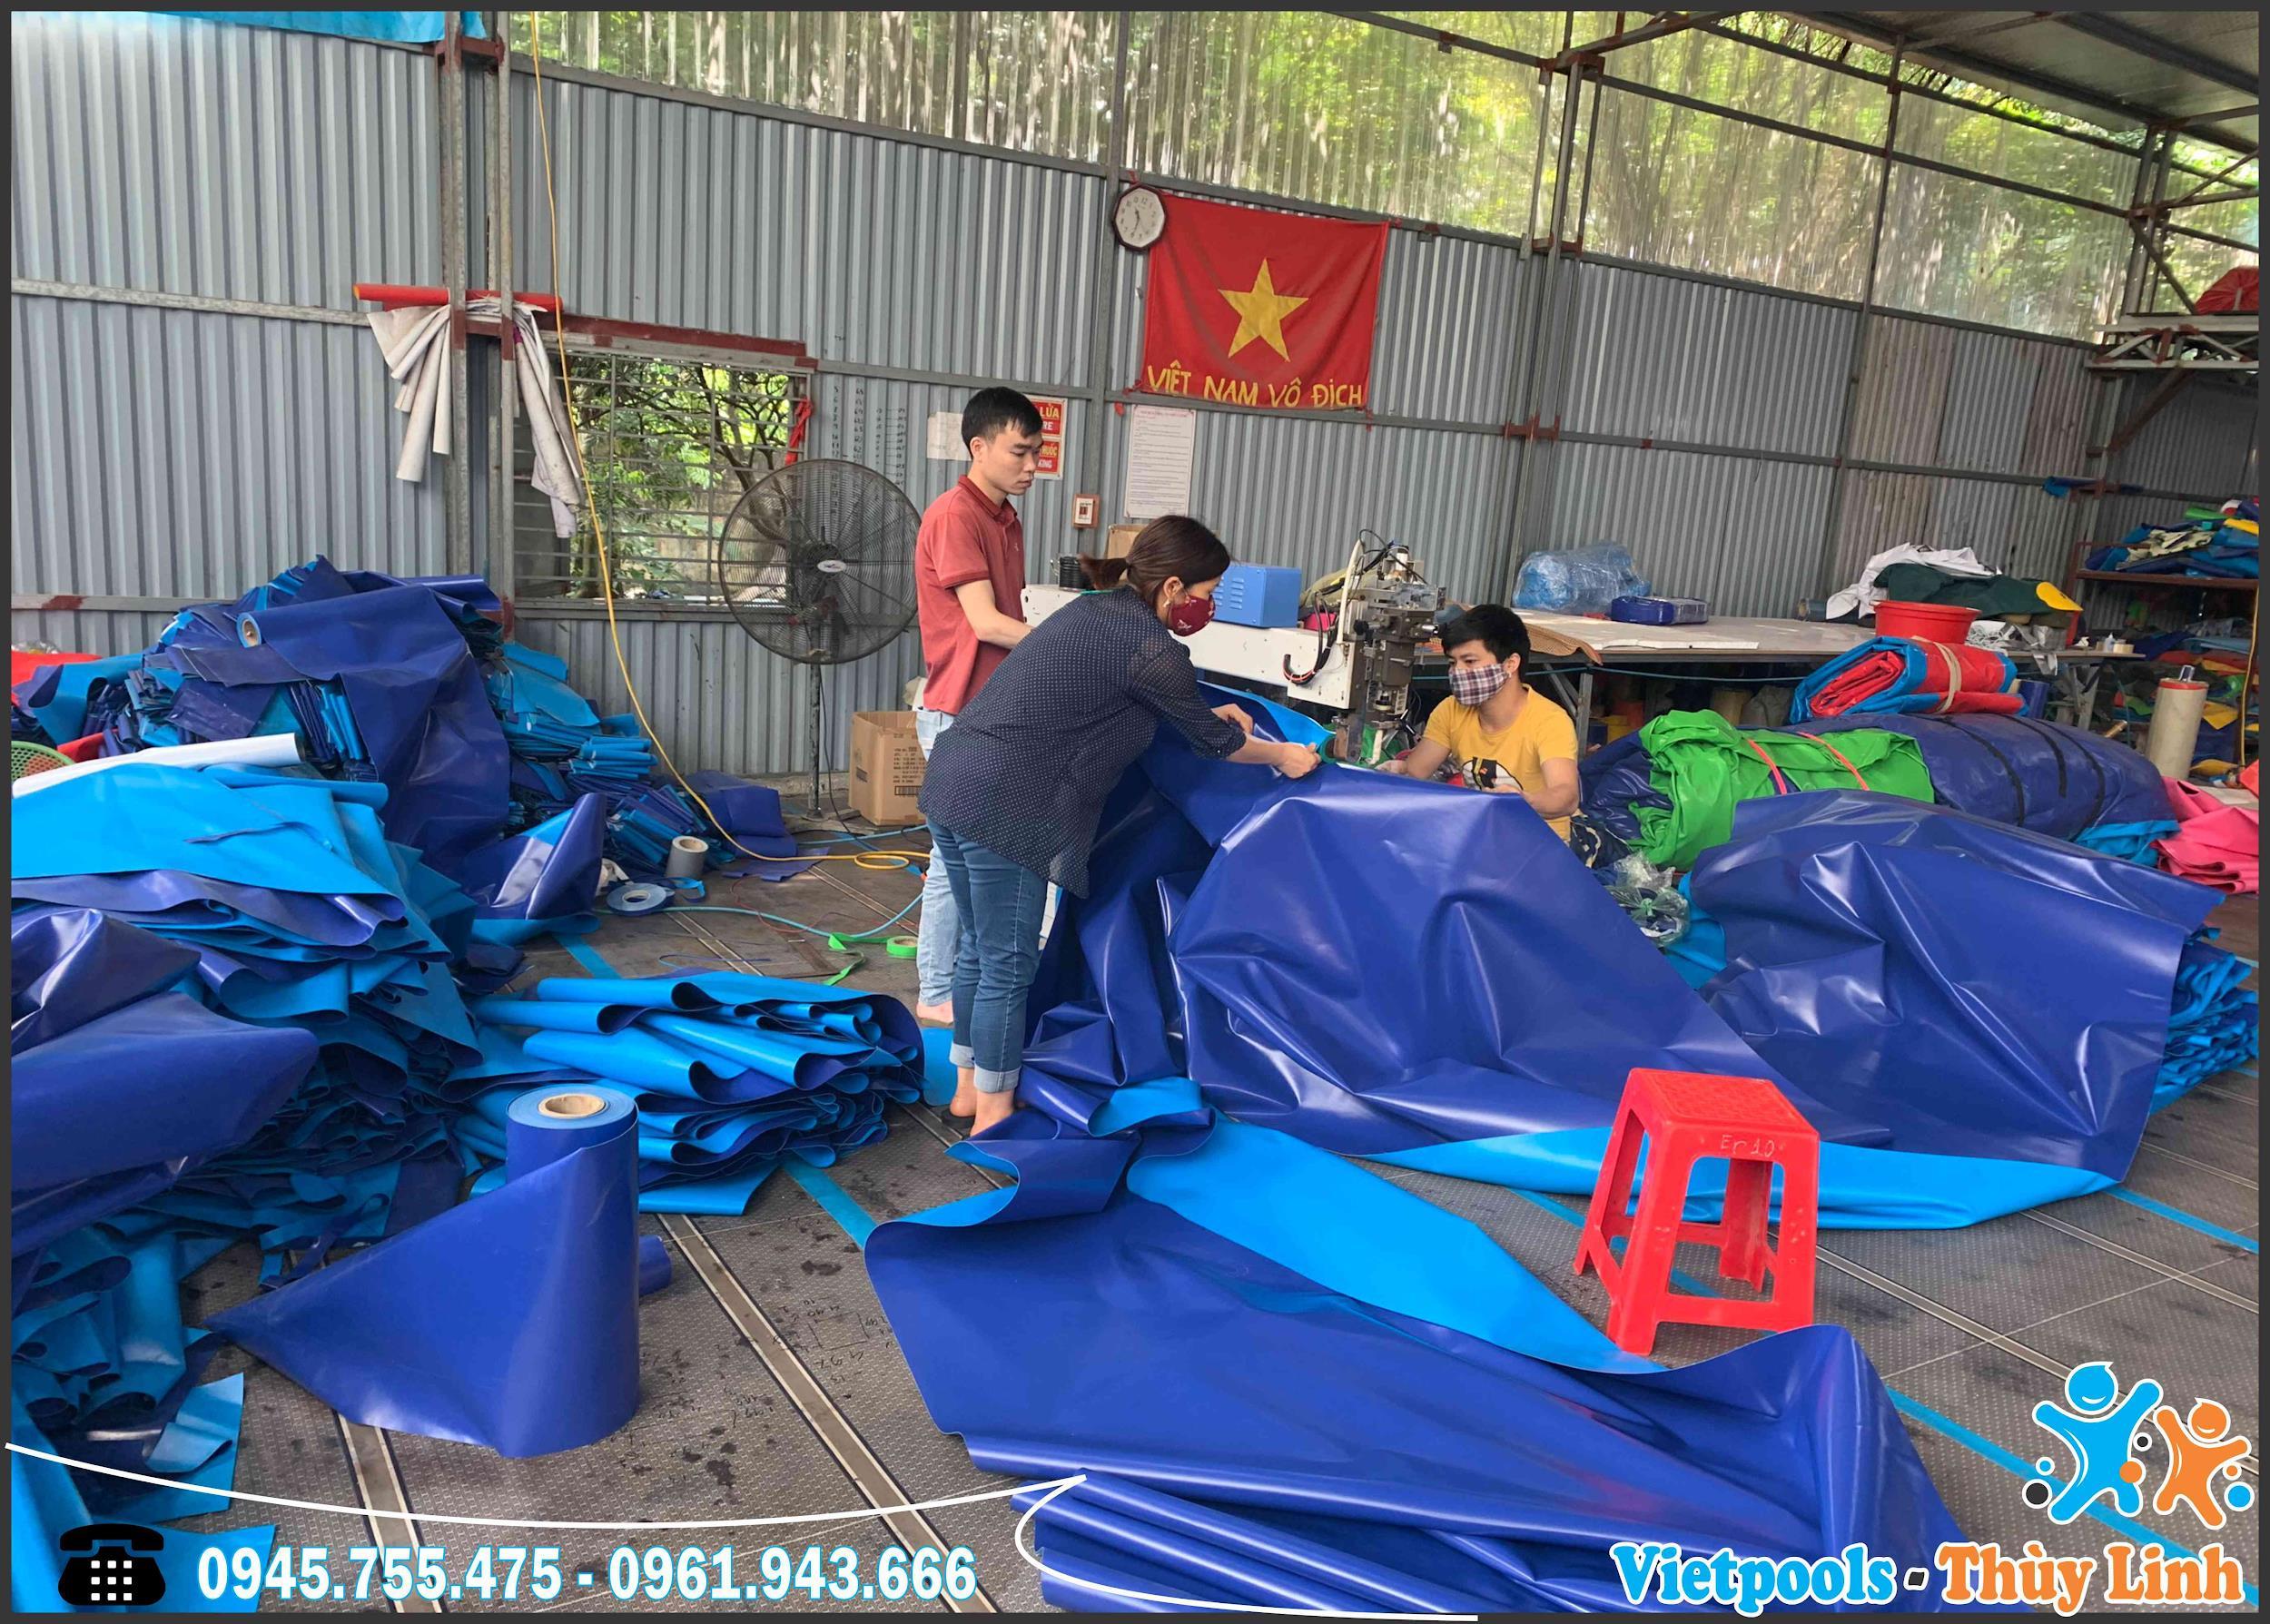 Bể Bơi Di Động Vietpools Thùy Linh Thương Hiệu Uy Tín Tại Việt Nam 12